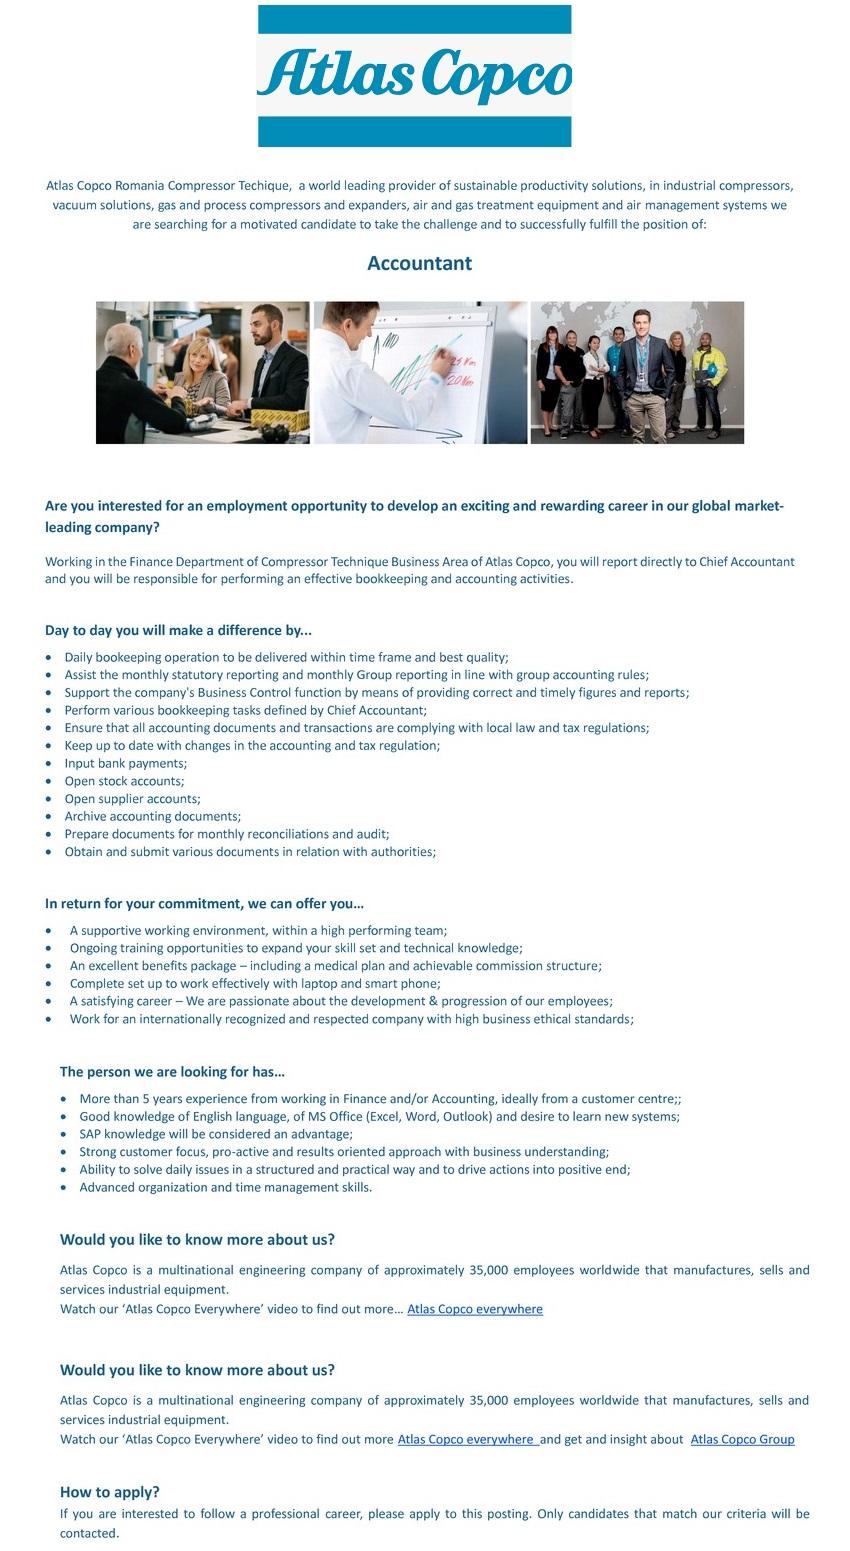 Ești interesat de oportunitatea de angajare pentru a dezvolta o carieră motivantă și plină de satisfacții în compania nostră, lider de piață globală? Lucrând în cadrul departamentului Financiar al Diviziei Compresor Technique al Atlas Copco Romania, vei raporta direct Contabilului Șef și vei fi responsabil de efectuarea activităților de contabilitate. În fiecare zi vei face o diferența contribuind cu... • Operațiunile contabile livrate în intervalul de timp stabilit și la cea mai bună calitate; • Participarea la intocmirea raportarilor lunare ale grupului conform politicilor financiare ale Grupului; • Verificarea, înregistrarea, arhivarea tuturor documentelor contabile; • Înregistrarea extraselor bancare; • Introducerea plăților în sistemul bancar on-line; • Participarea la inventarul anual și operarea rezultatelor; • Înregistrarea deconturilor de cheltuieli ale angajaților și realizarea rapoartelor aferente; • Gestionarea conturilor de furnizori in ERP; • Emiterea facturilor de avans pentru clienți; • Pregatirea documentelor necesare reconcilierilor lunare și/sau auditului; • Pregătirea diferitelor rapoarte și situații conform cerințelor Managerului; • Sprijinirea celorlalte departamente cu informații contabile și/sau financiare, cu aprobarea în prealabil a Managerului • Gestionarea diferitelor documente în relația cu autoritățile. În schimbul angajamentului tău, noi îți vom oferi... • Un mediu de lucru profesionist, în cadrul unei echipe performante; • Oportunități de formare continuă; • Un pachet atractiv de beneficii care include un abonament medical și bonus de performanță; • Uneltele necesare defășurarii activității în cele mai bune condiții; • Posibilitatea unei cariere de succes – Suntem pasionați de dezvoltarea și progresul angajaților noștri; • Apartenența la o companie recunoscută și respectată pe plan național și internațional, cu standarde etice ridicate ăn afaceri. Persona pe care o căutăm trebuie să aibă... • 2-3 ani experiența în domeniul financiar-c